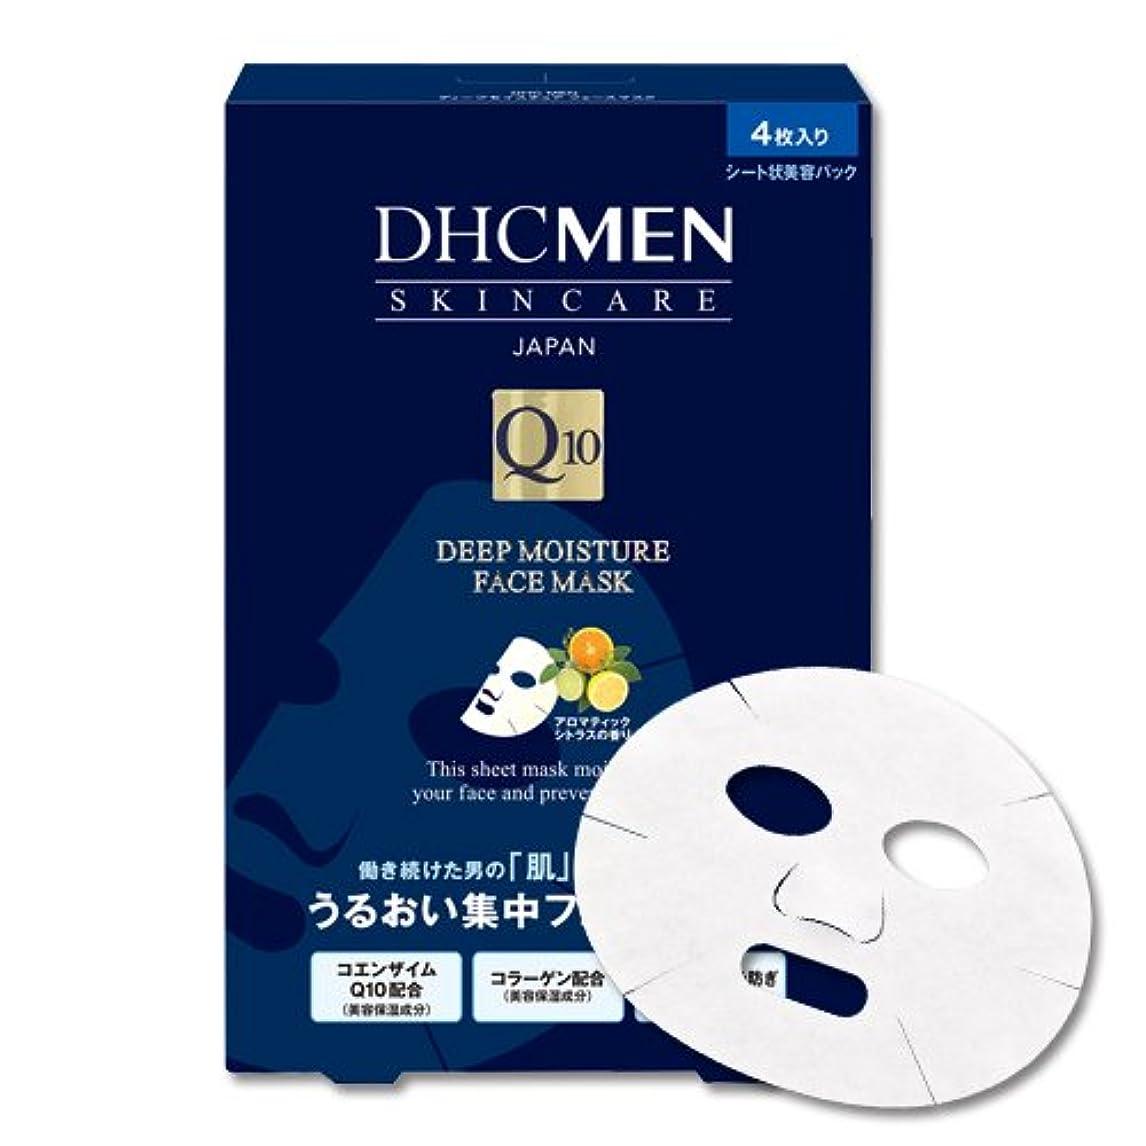 地元大きい前書きDHC MEN ディープモイスチュア フェースマスク